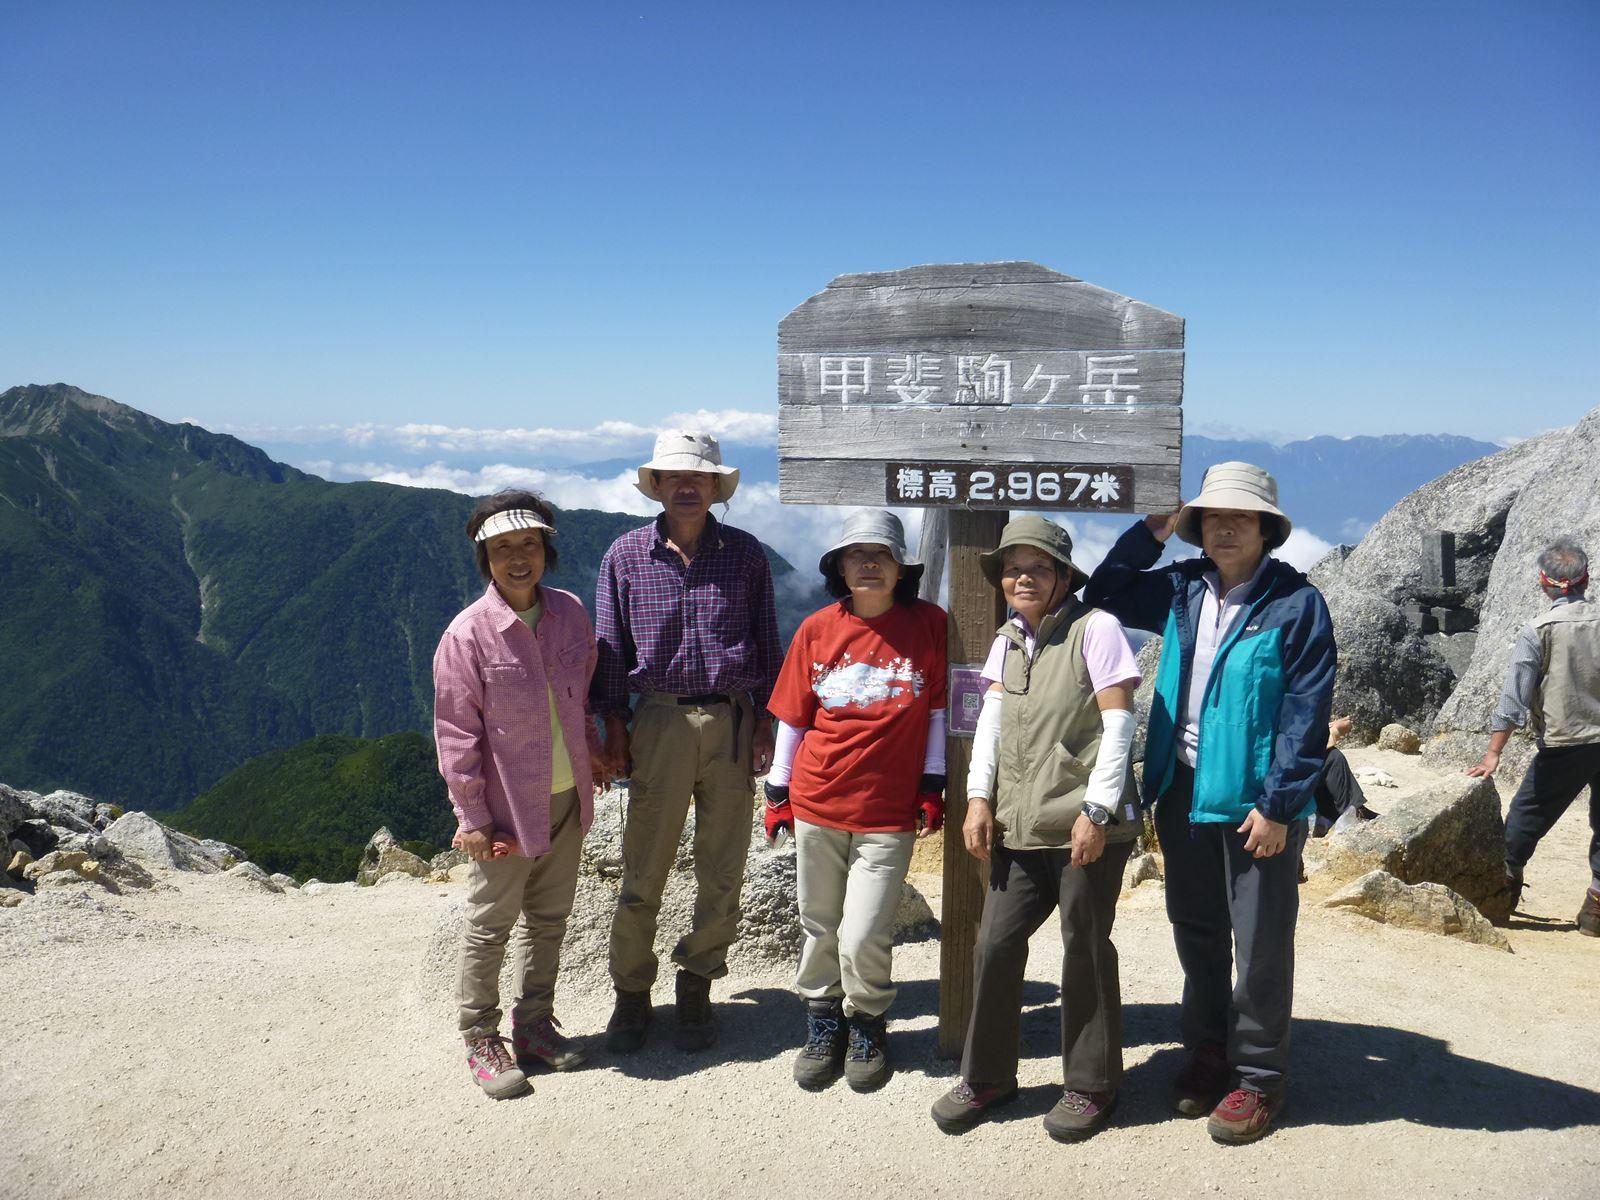 社長の登山日記 甲斐駒ケ岳 頂上にて記念写真